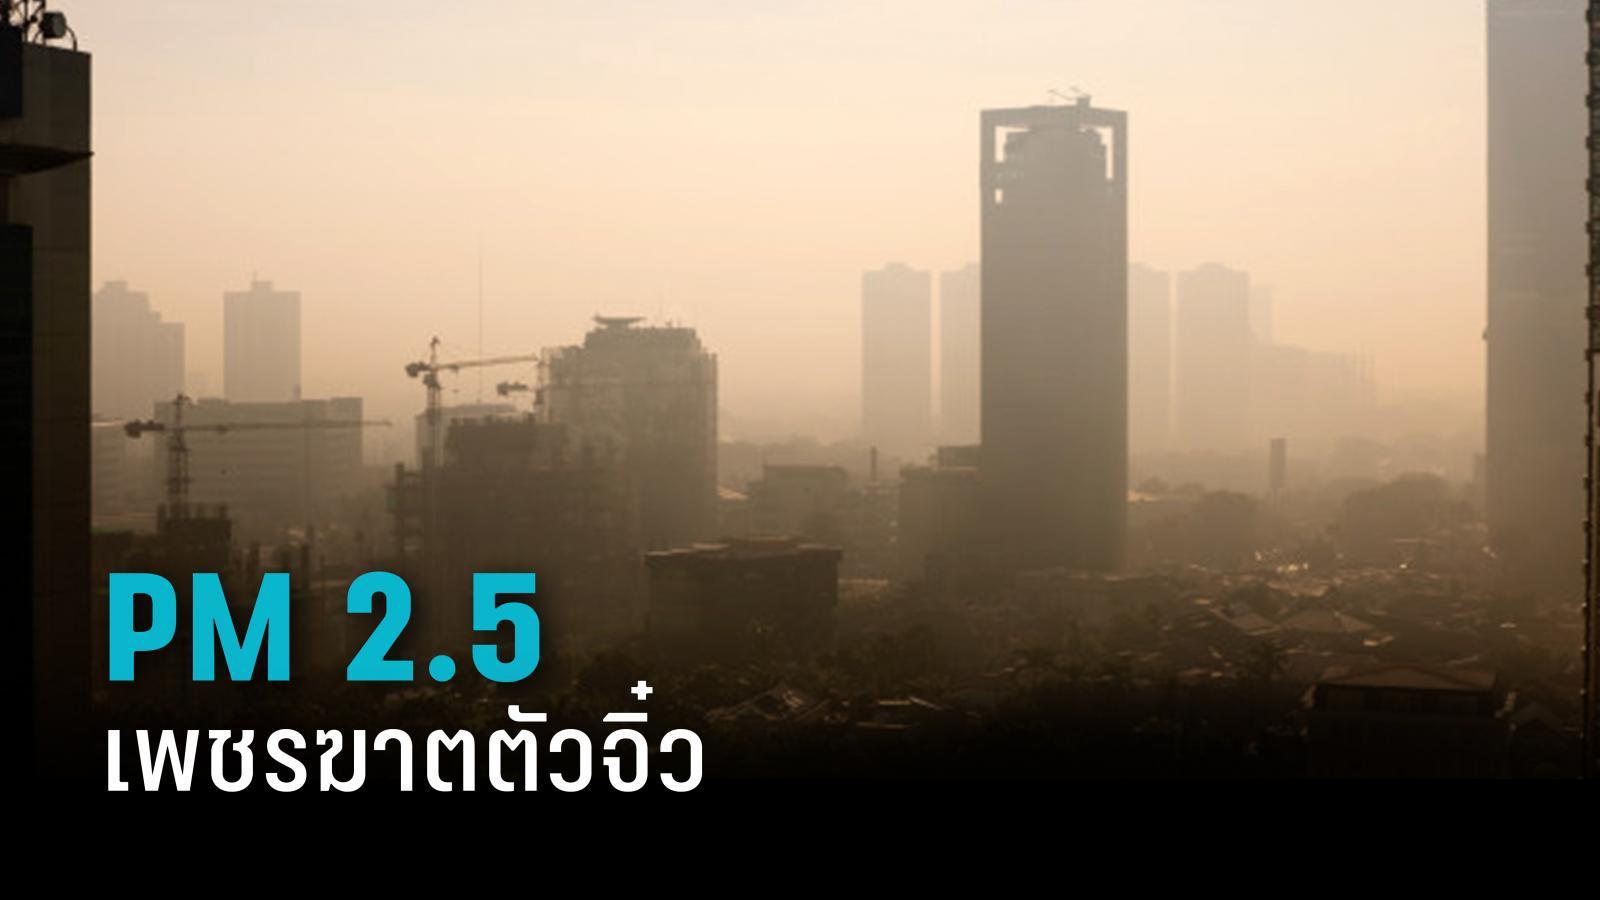 เอาชนะ PM 2.5 เพชรฆาตตัวจิ๋ว